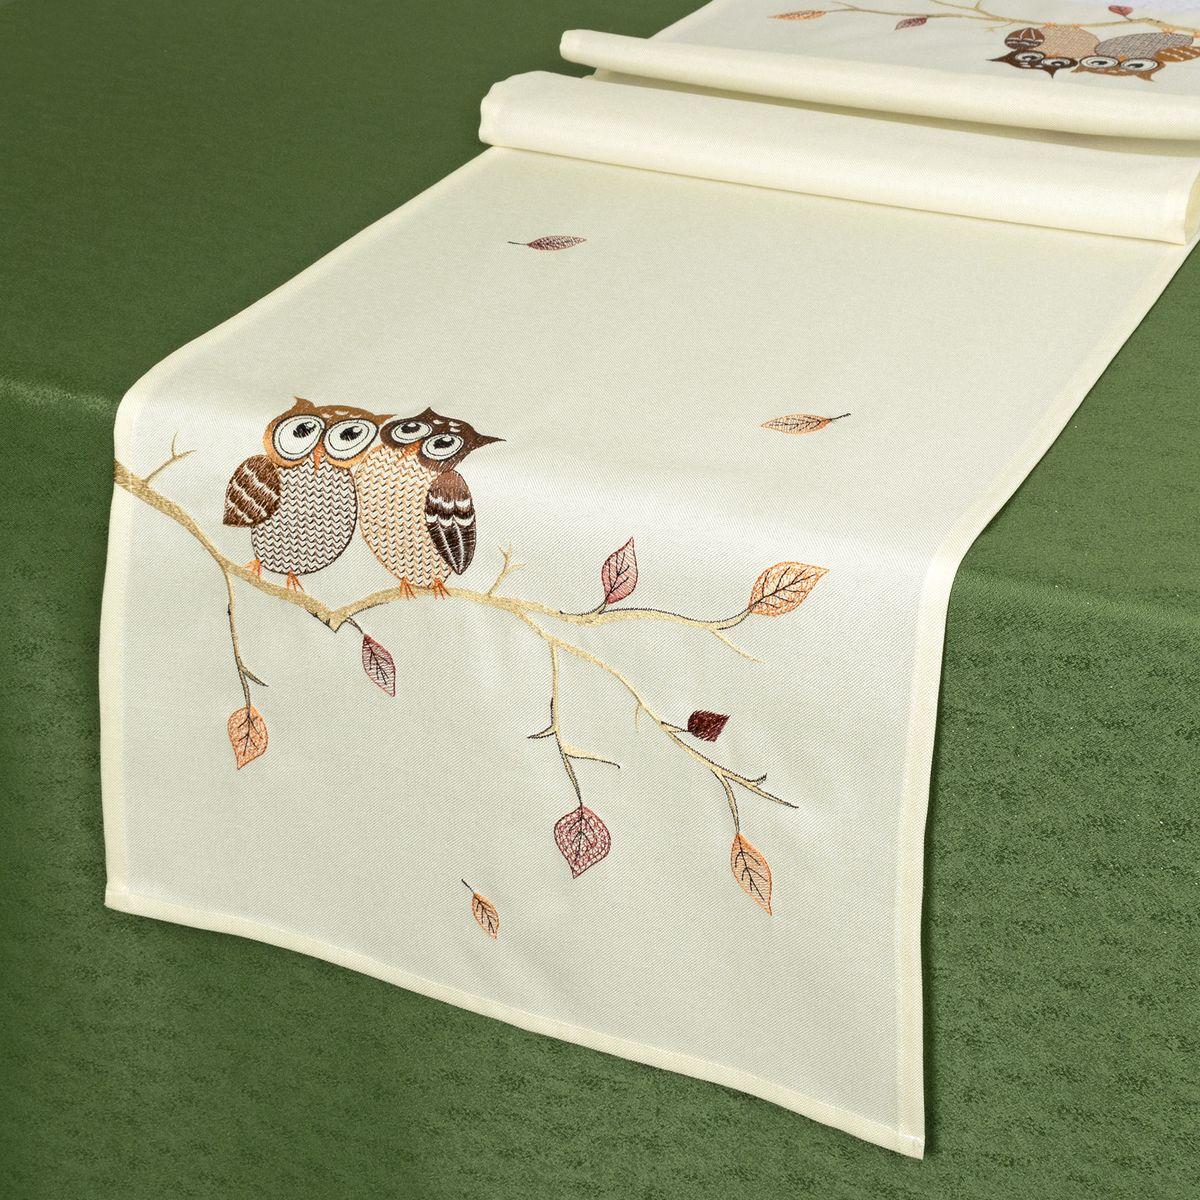 Дорожка для декорирования стола Schaefer , 40 х 140 см. 07789-21107789-211